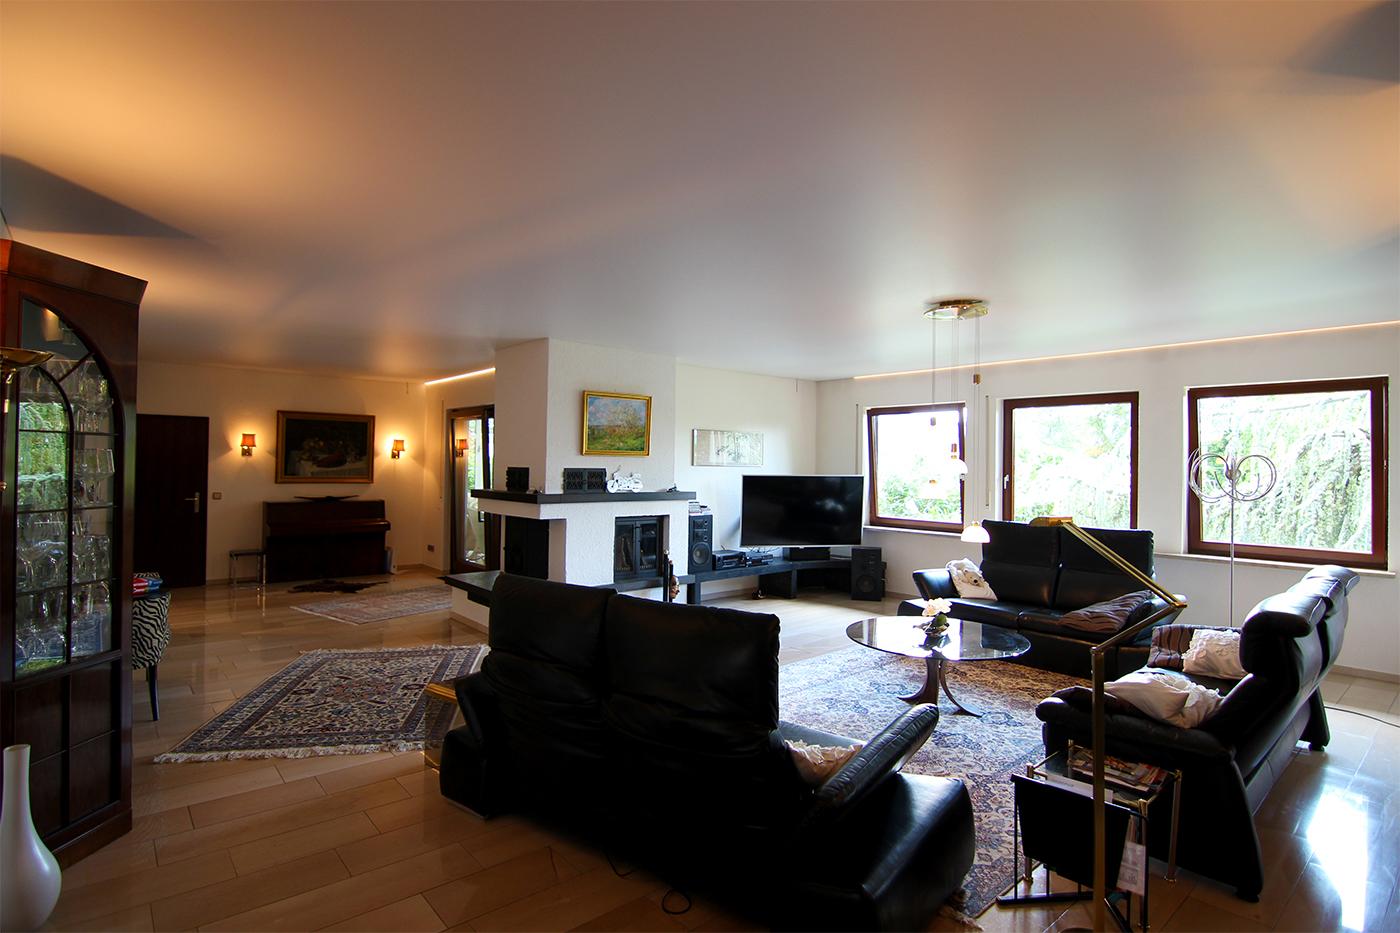 Spanndecke im Wohnzimmer, weiß matt